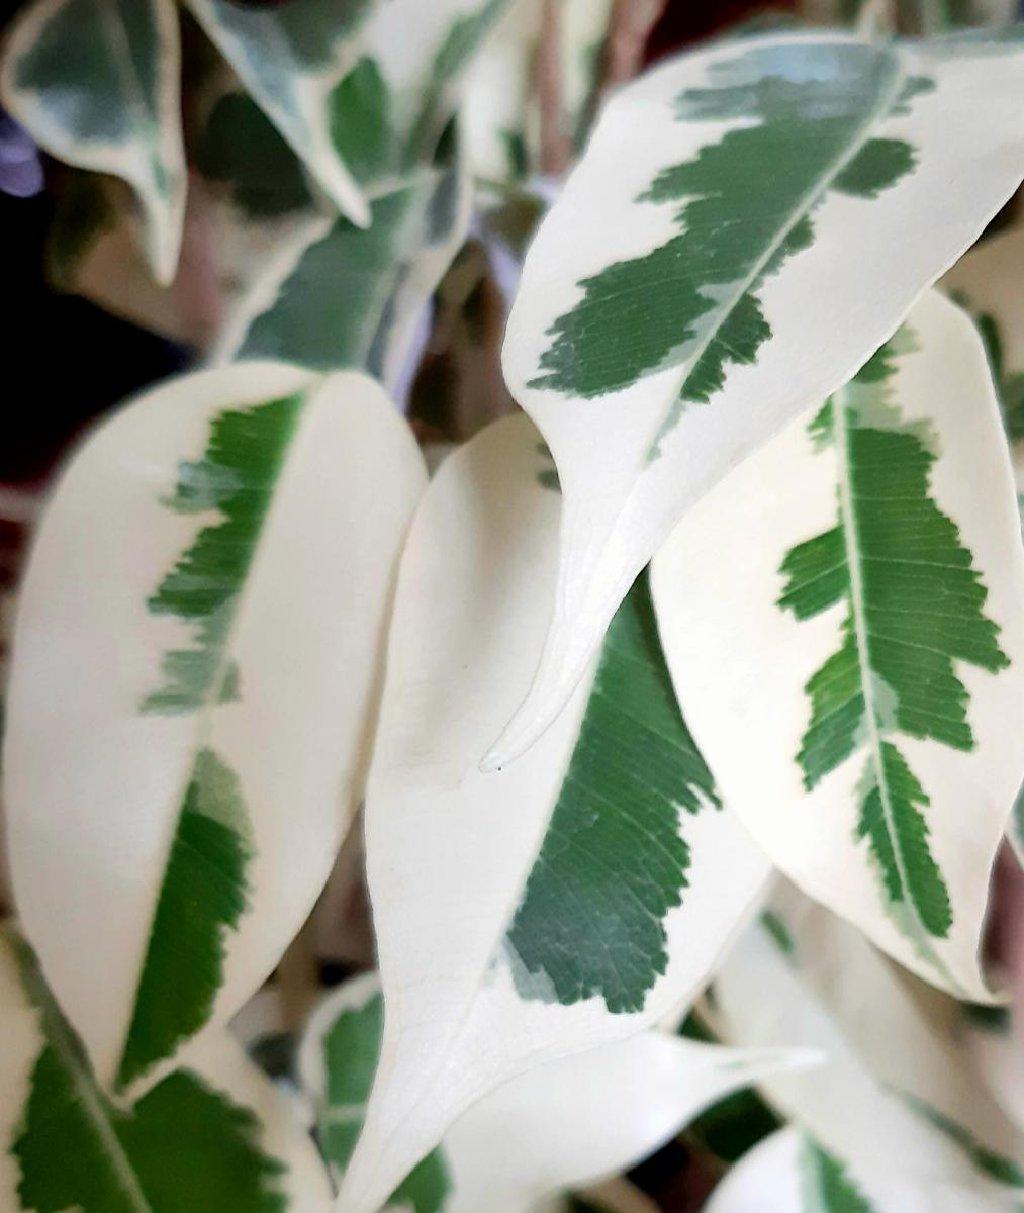 Продаю молоденькие растения  пестролистных фикусов( старлайт,твилайт,голден кинг, голден моник, али,амстел грин голд и др